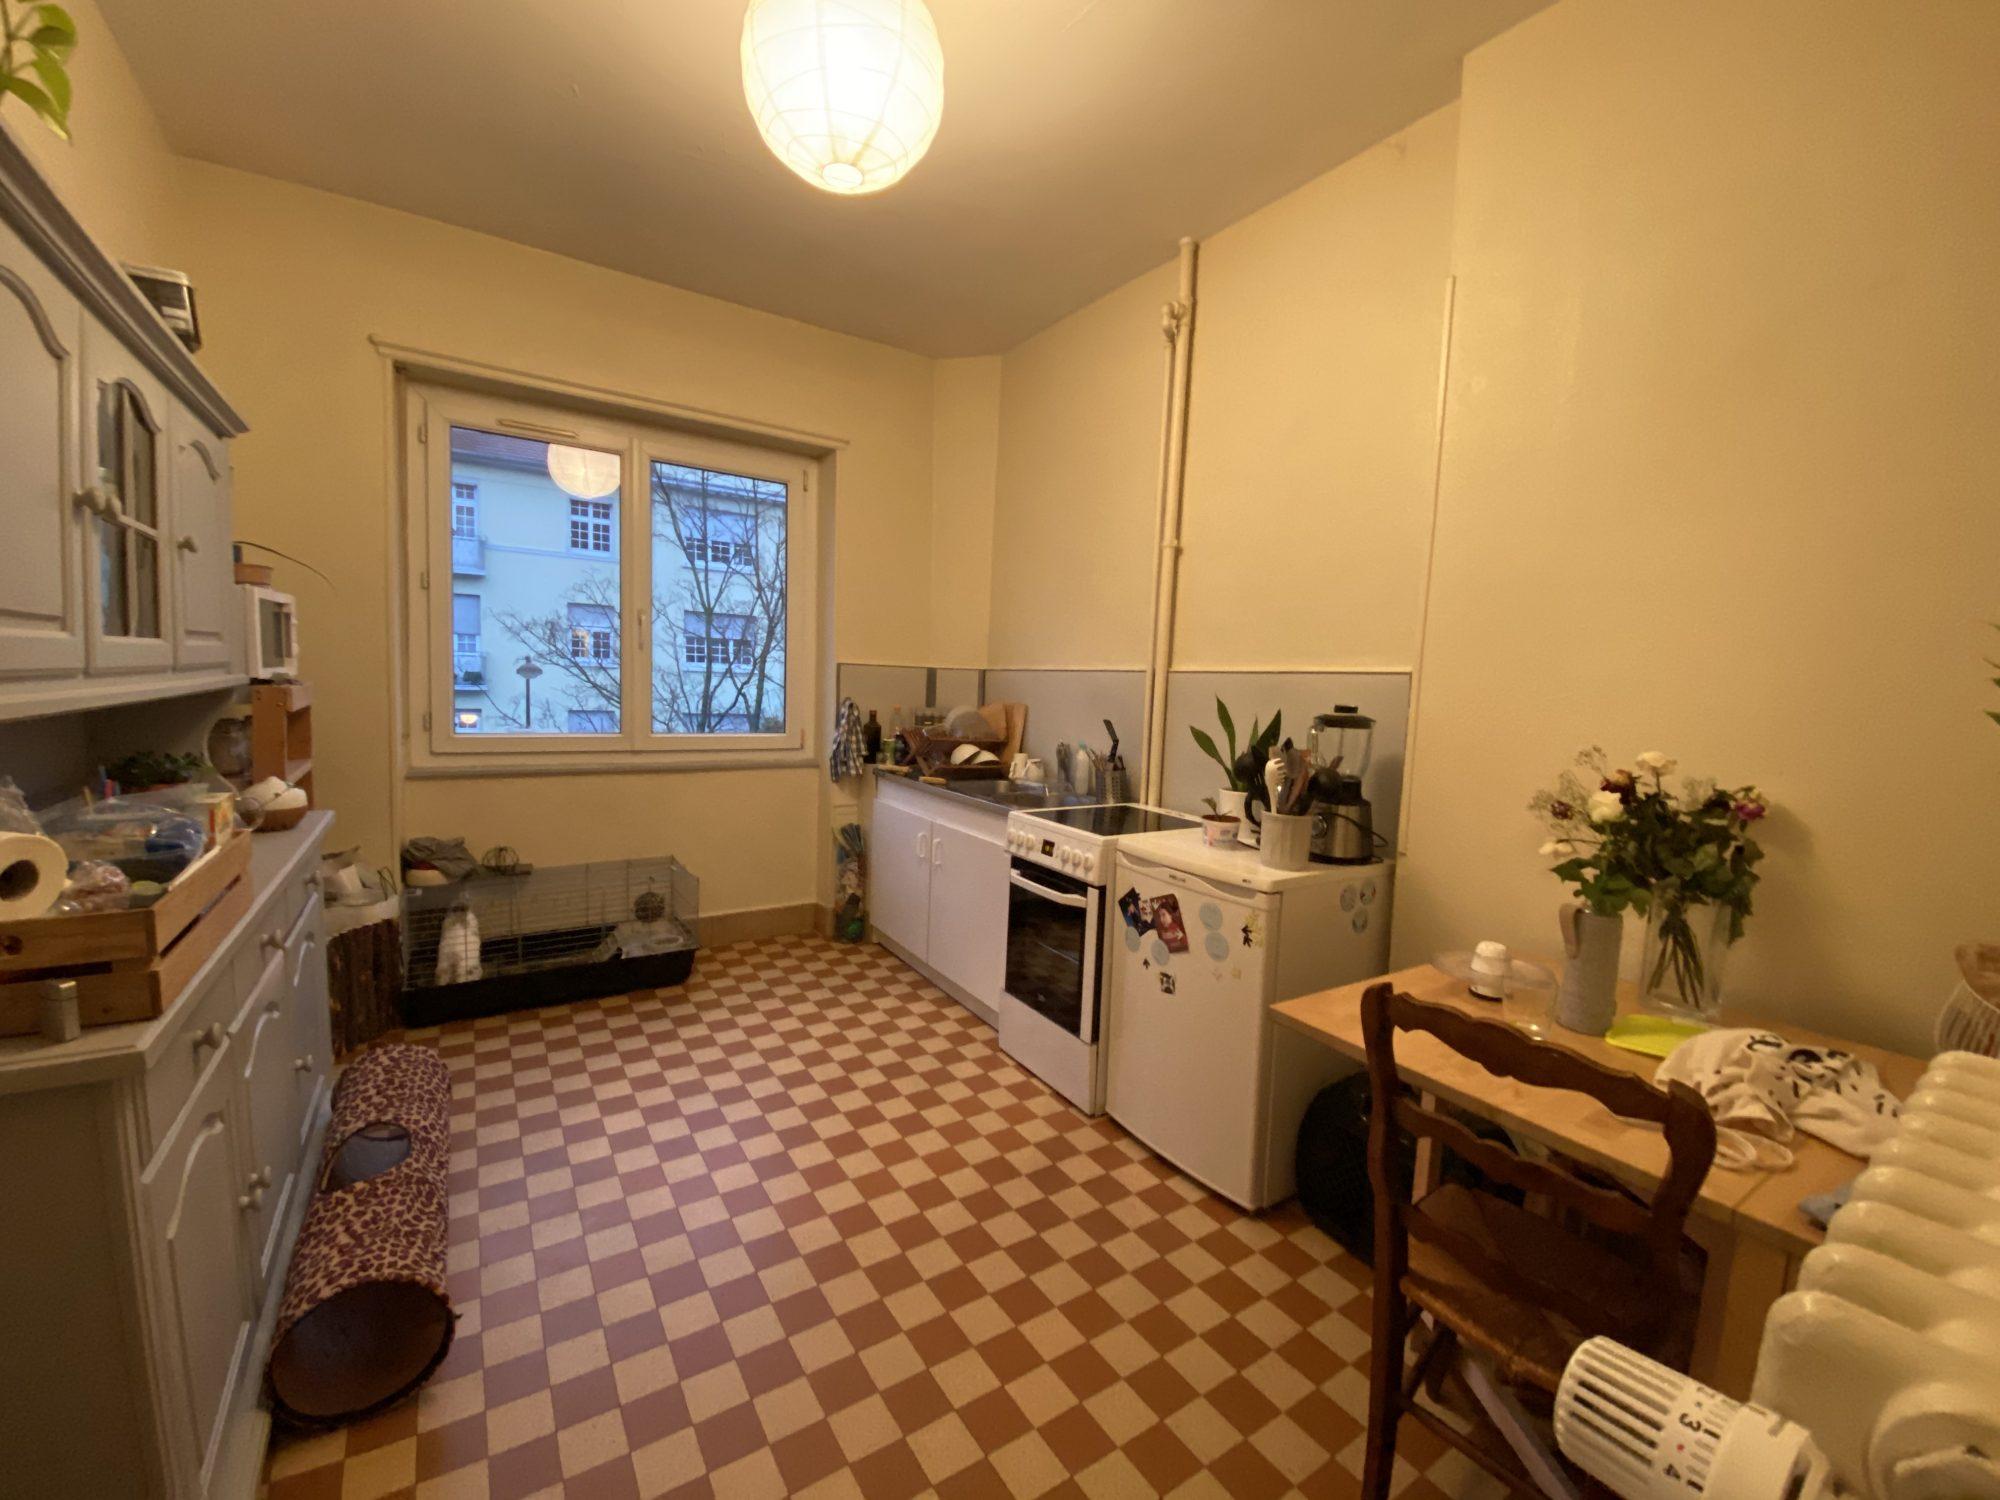 Appartement à louer Strasbourg - Devenez locataire en toute sérénité - Bintz Immobilier - 3